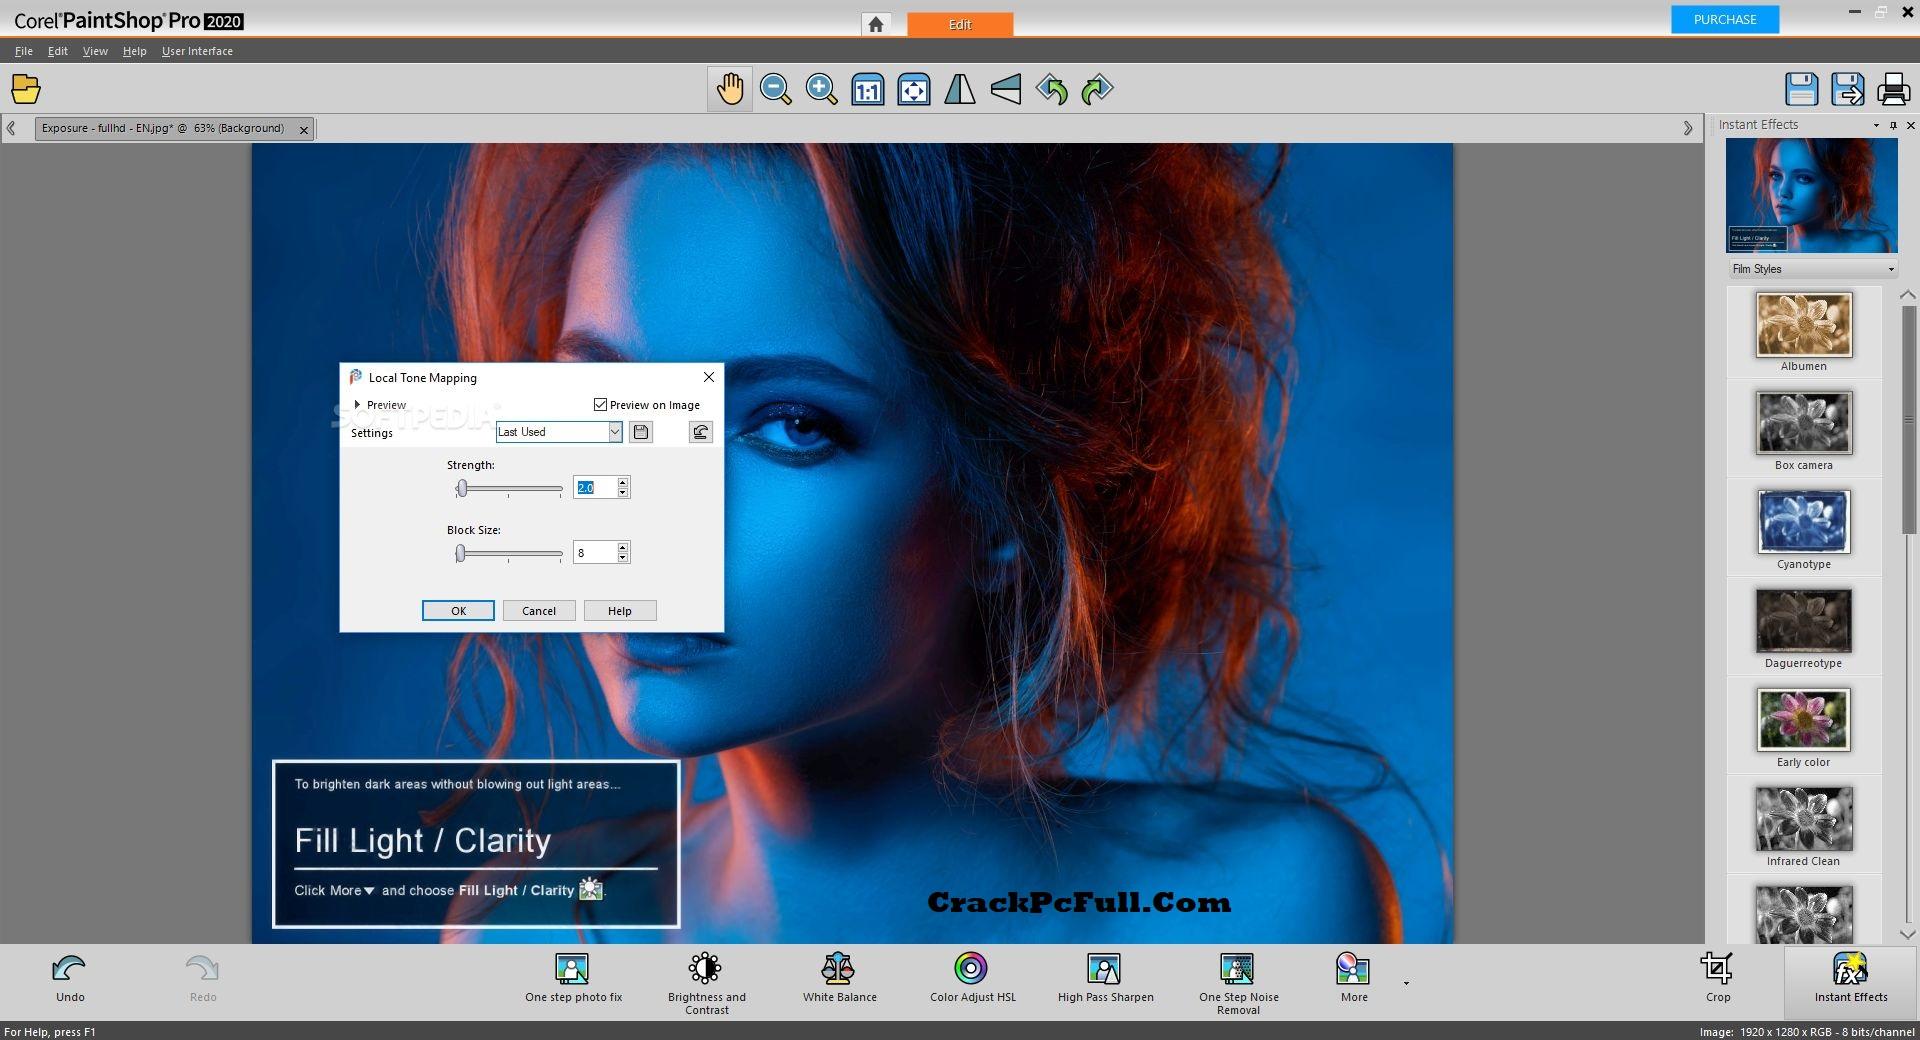 Corel PaintShop Pro 2022 Activation Code